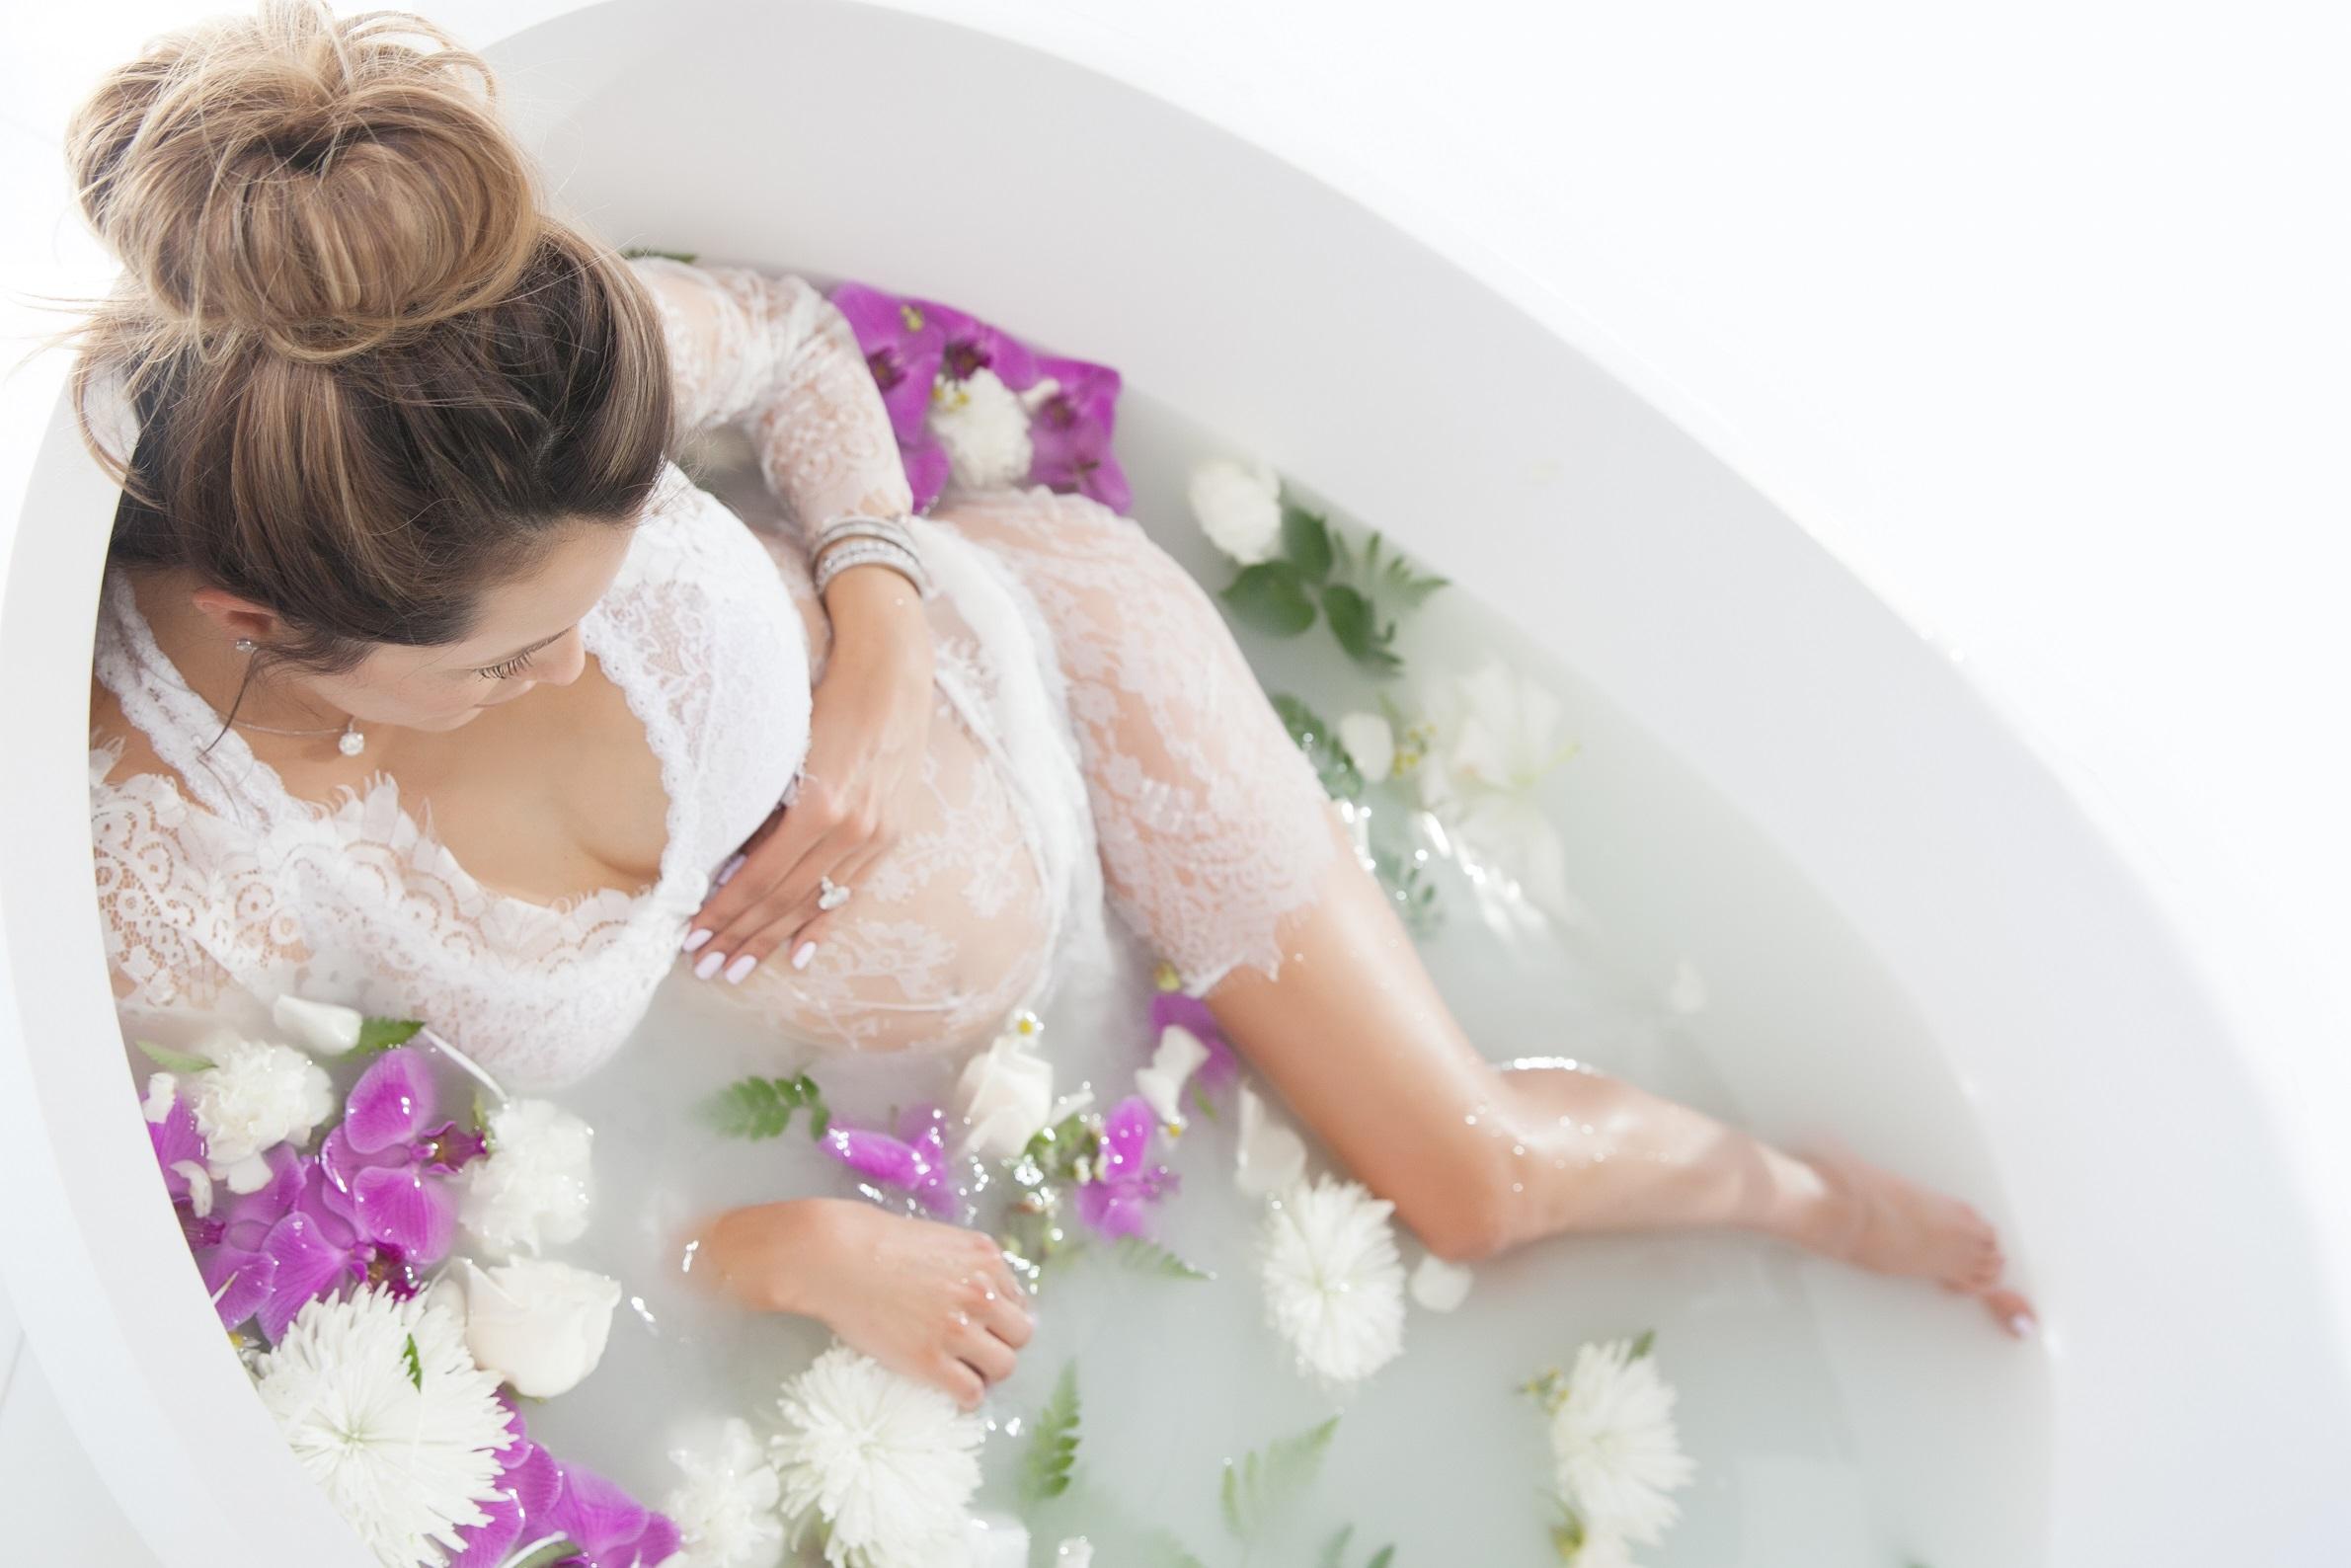 Keren-Cohen-Maternity-Milk-Bath-3